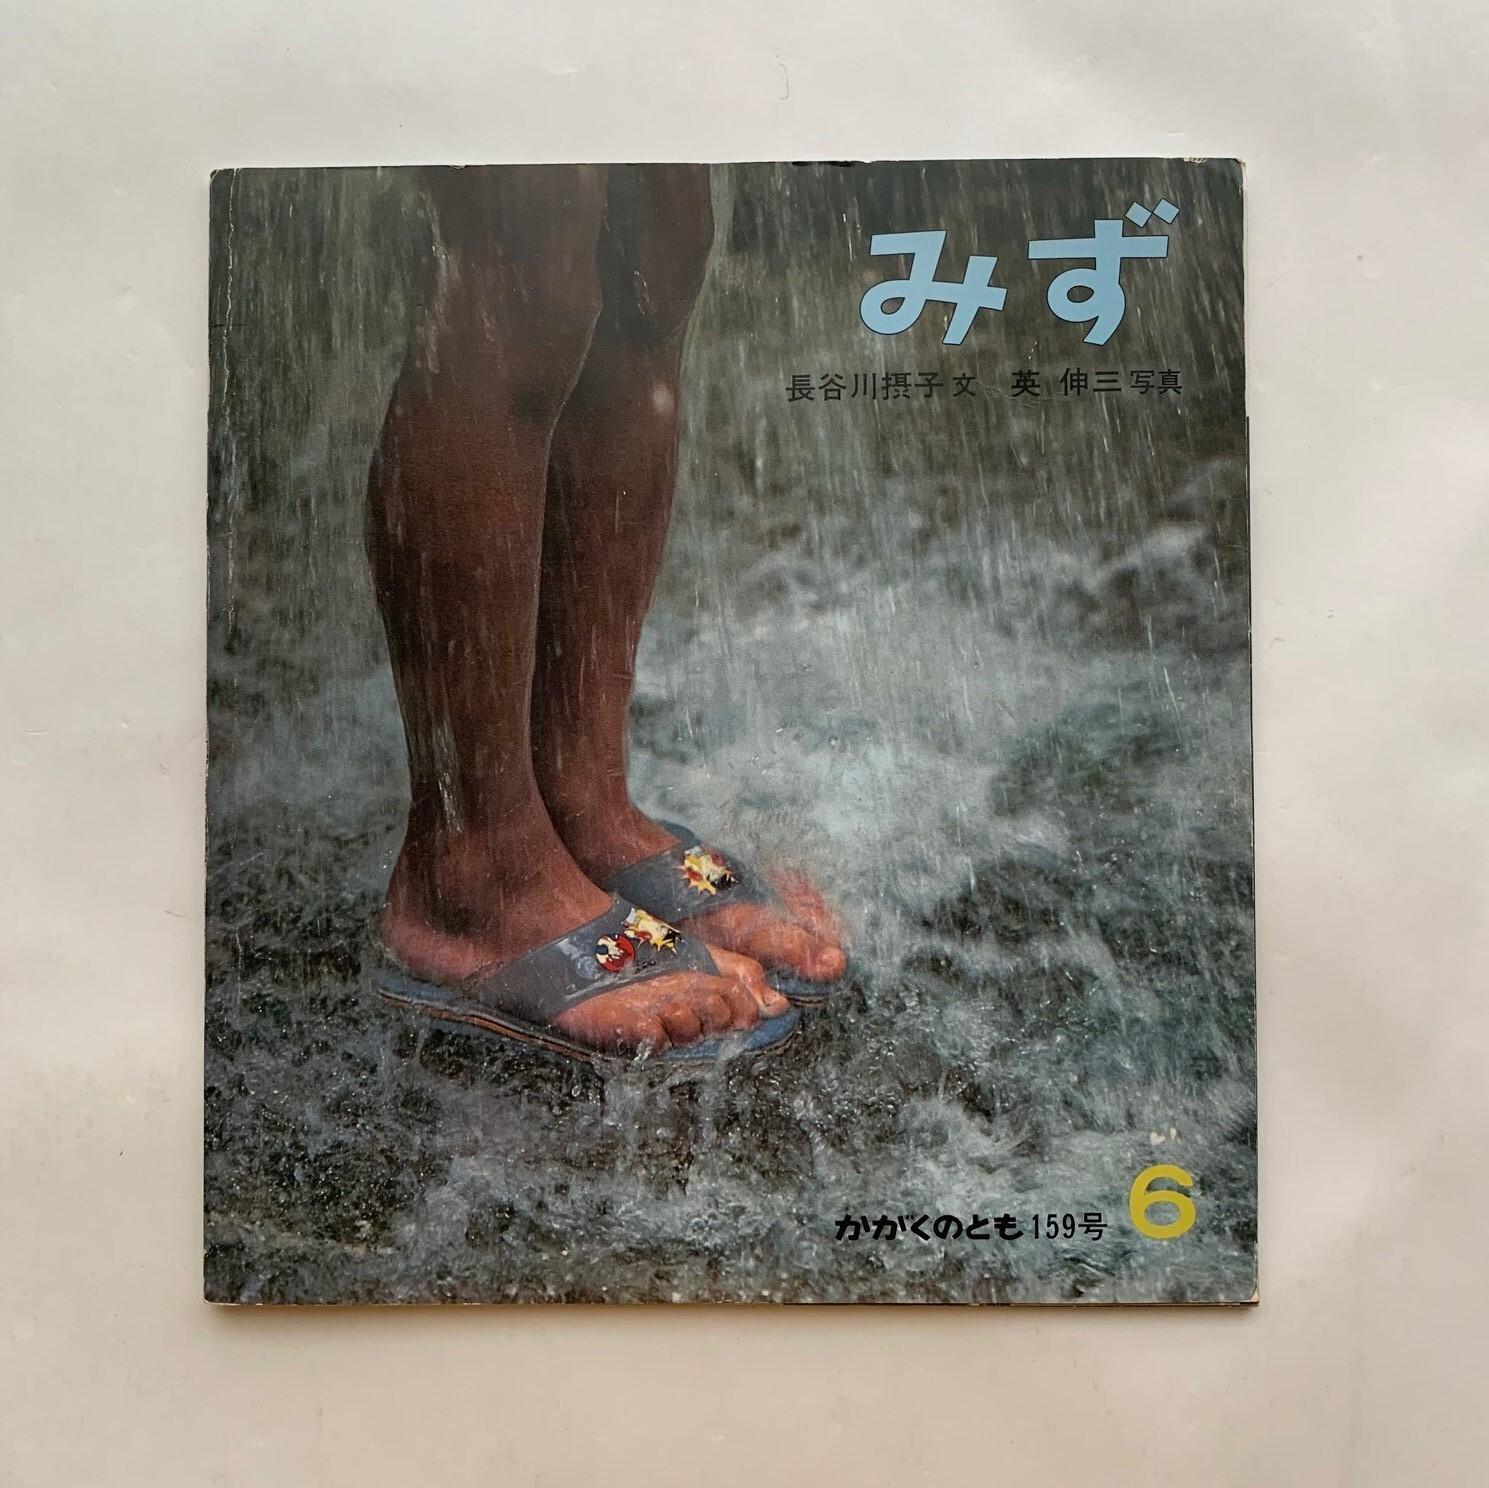 みず かがくのとも159号 / 長谷川摂子 文 英伸三 写真